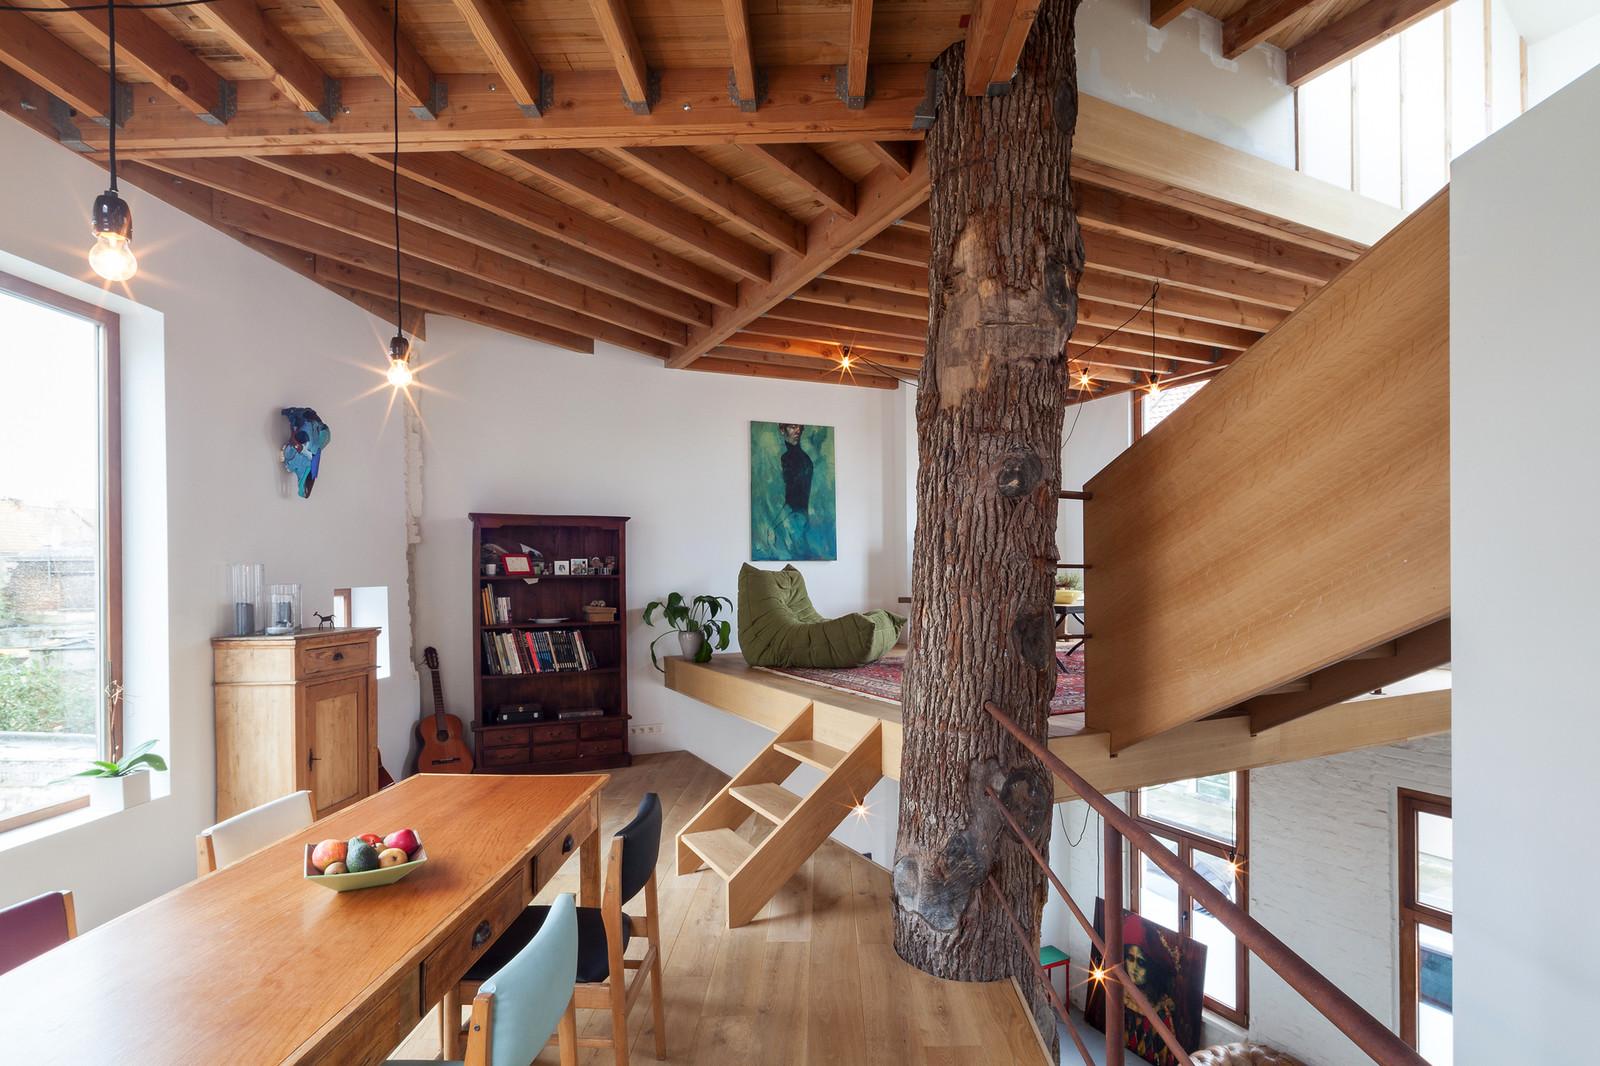 Квартира вокруг дерева. Эко стиль